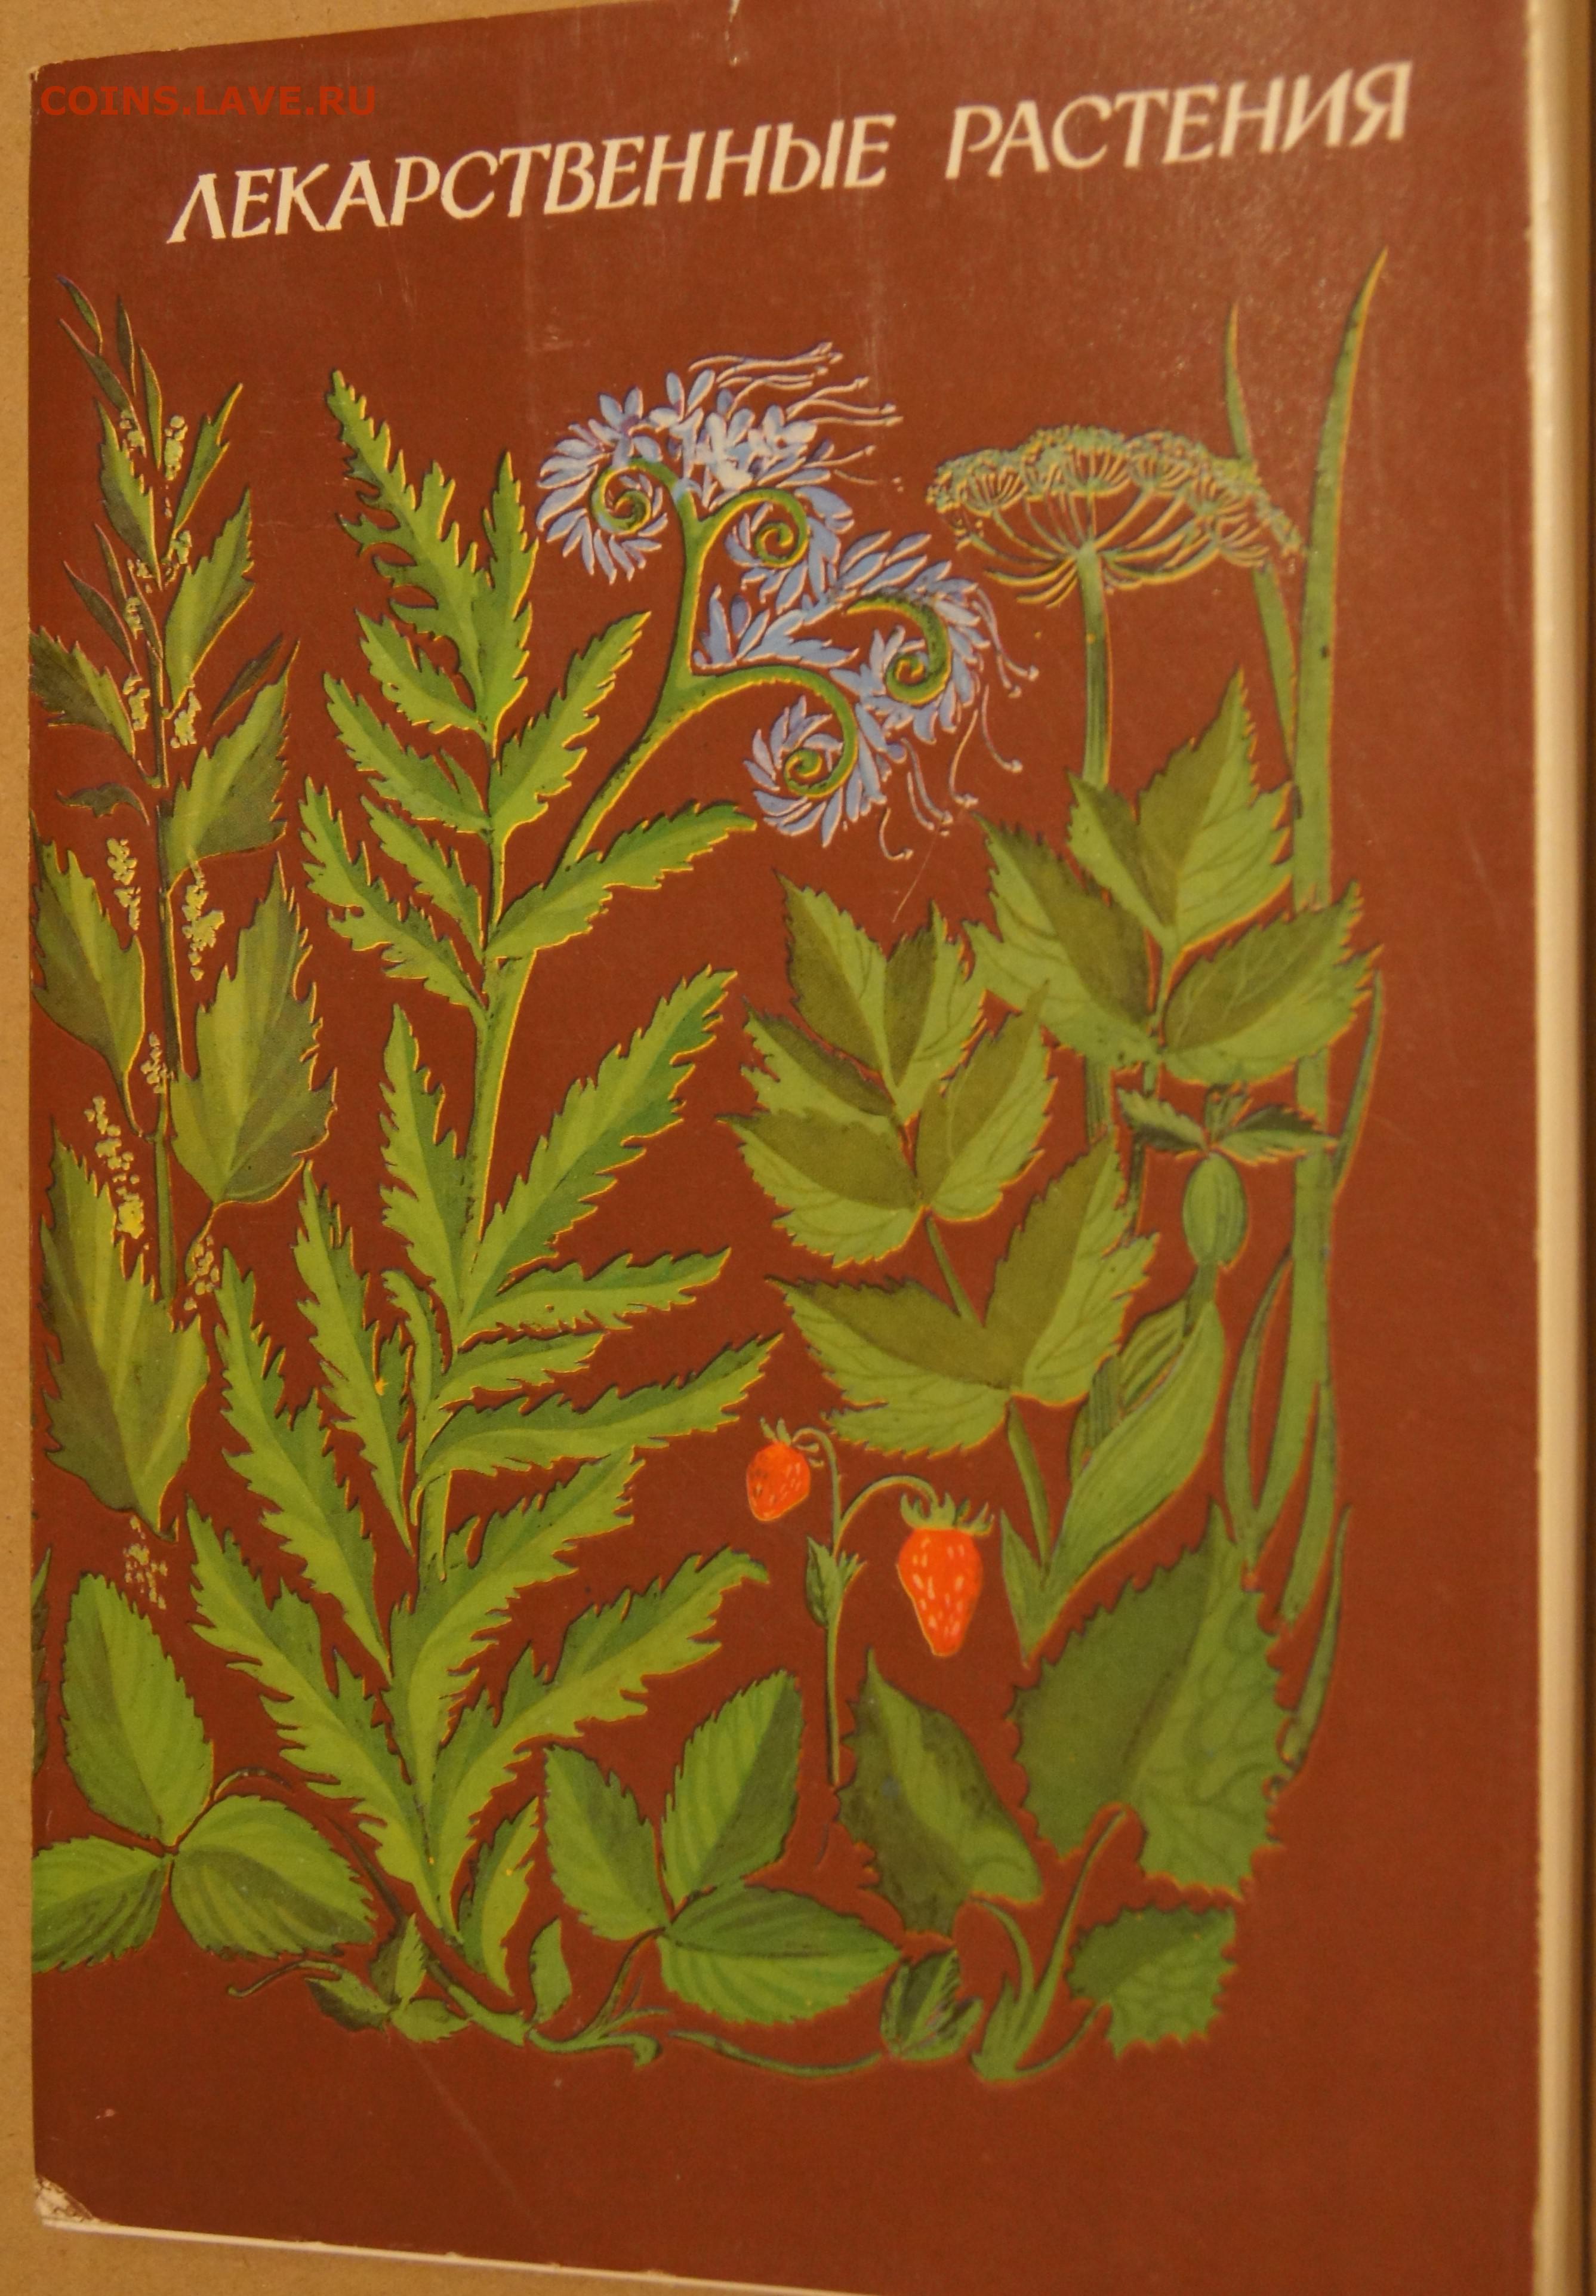 открытки лекарственные растения 1987 сожалению, попасть